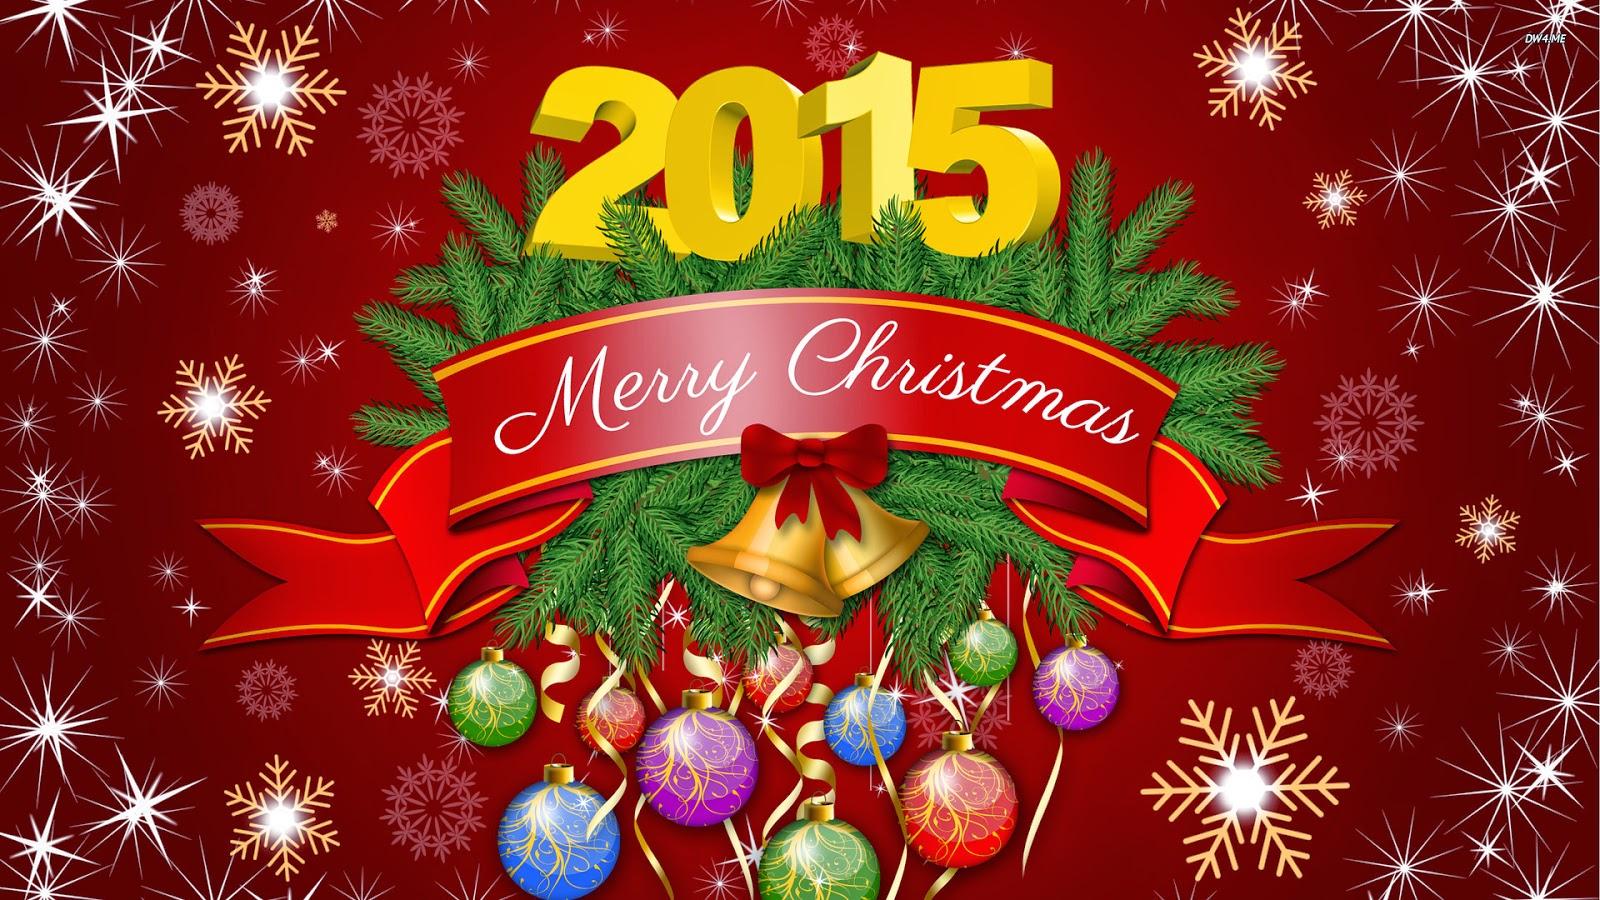 خلفيات عيد الميلاد المجيد 2015